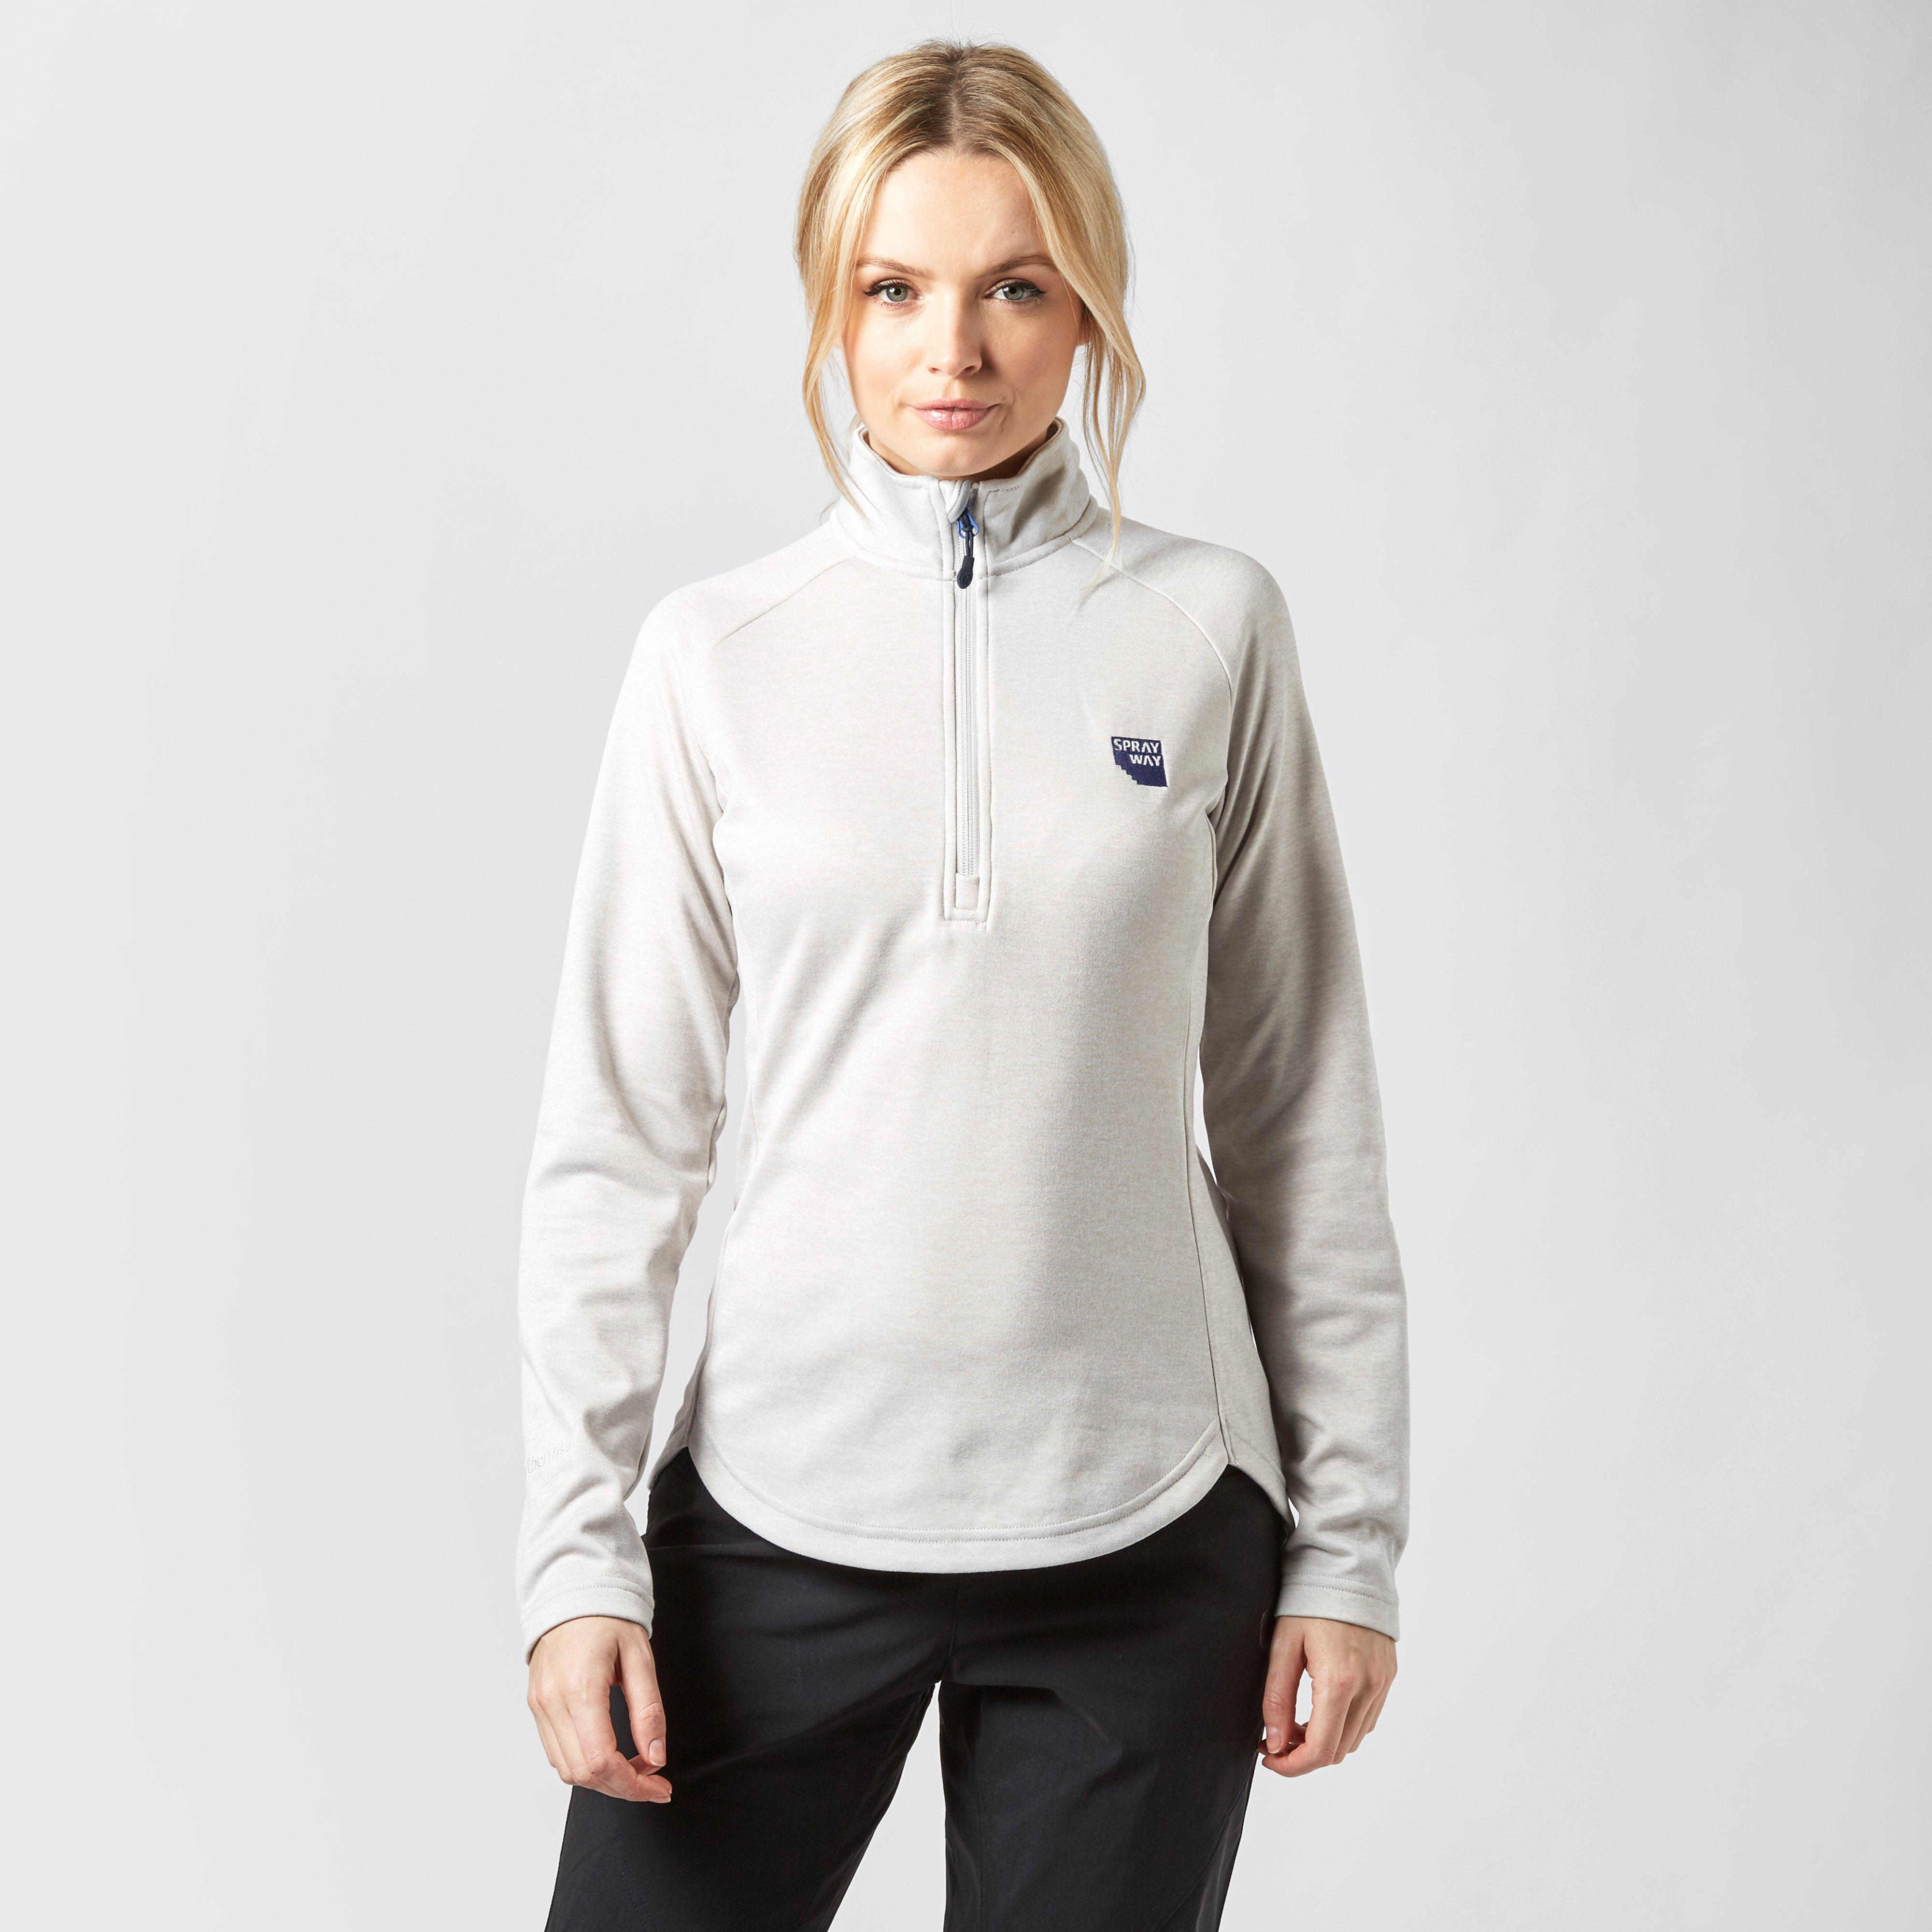 Sprayway Women's Roche Quarter Zip Fleece, Grey